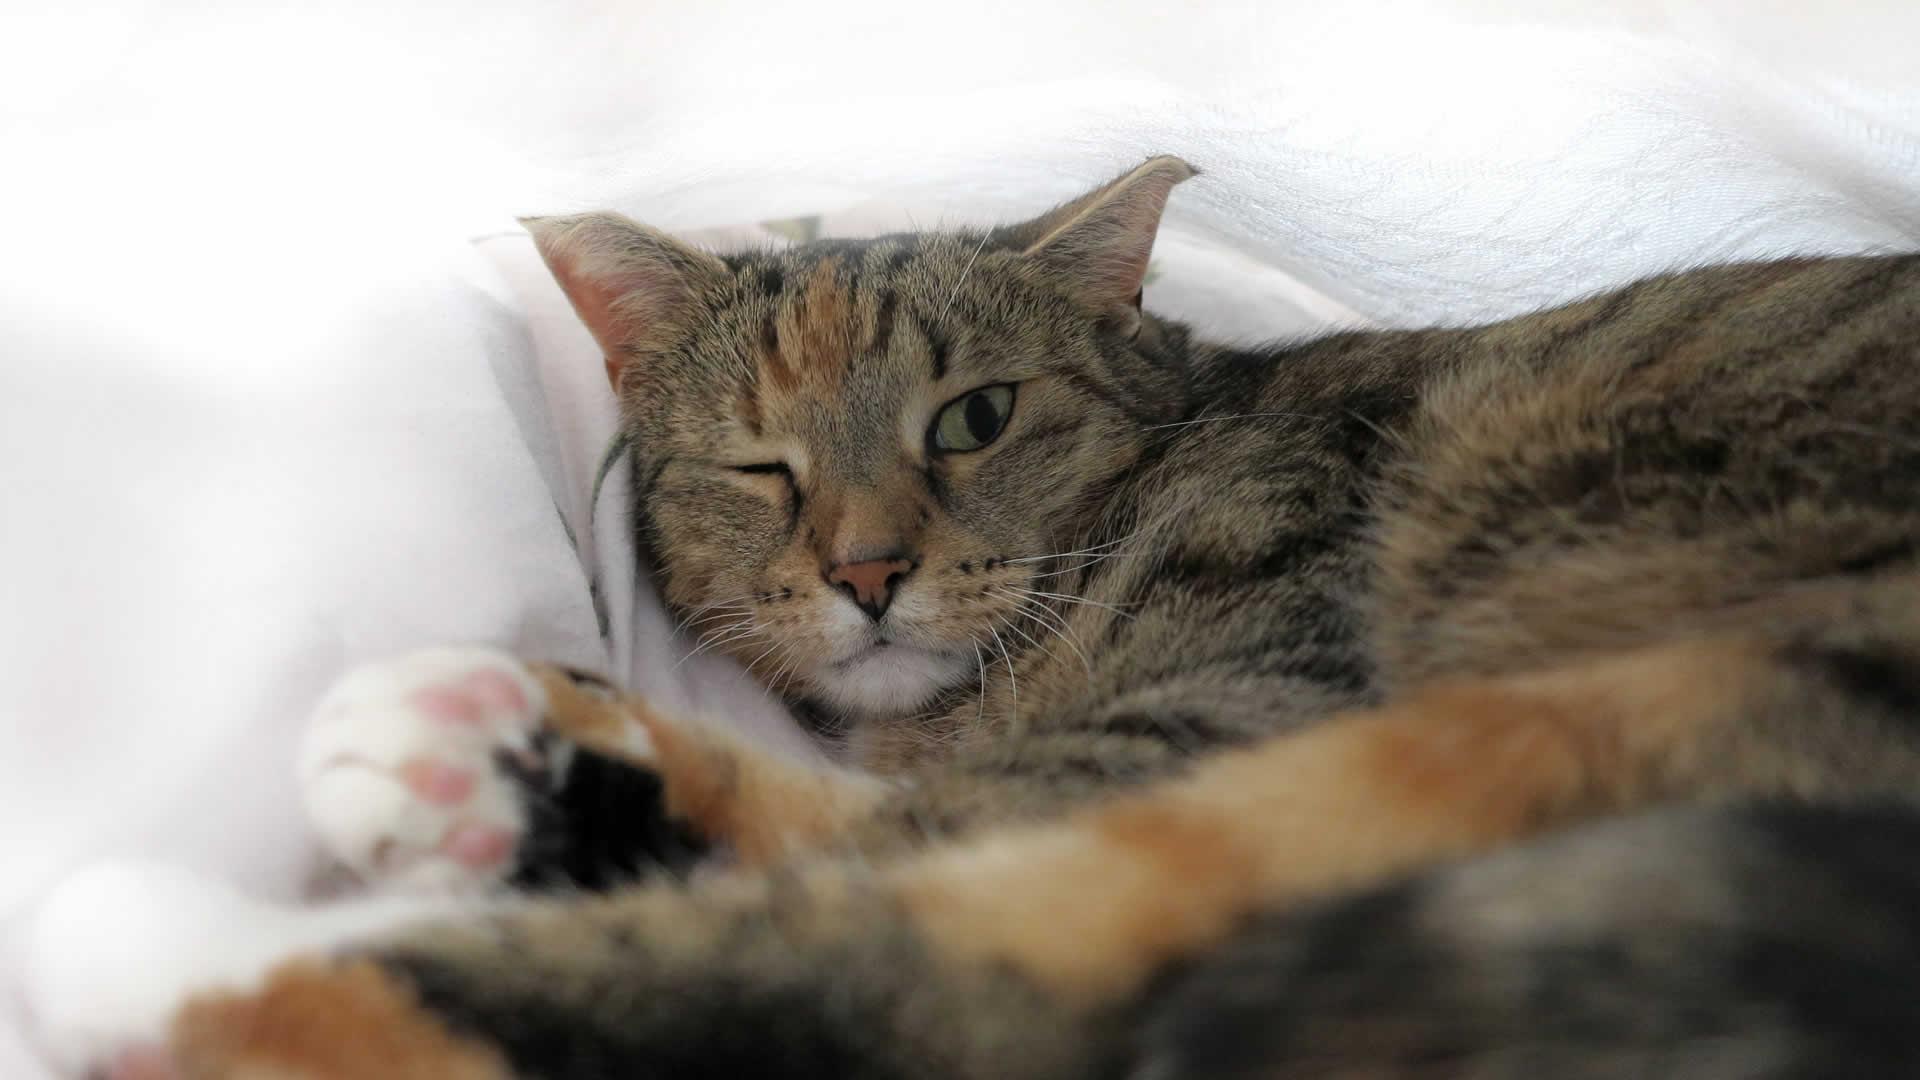 Cat sleeping one eye open